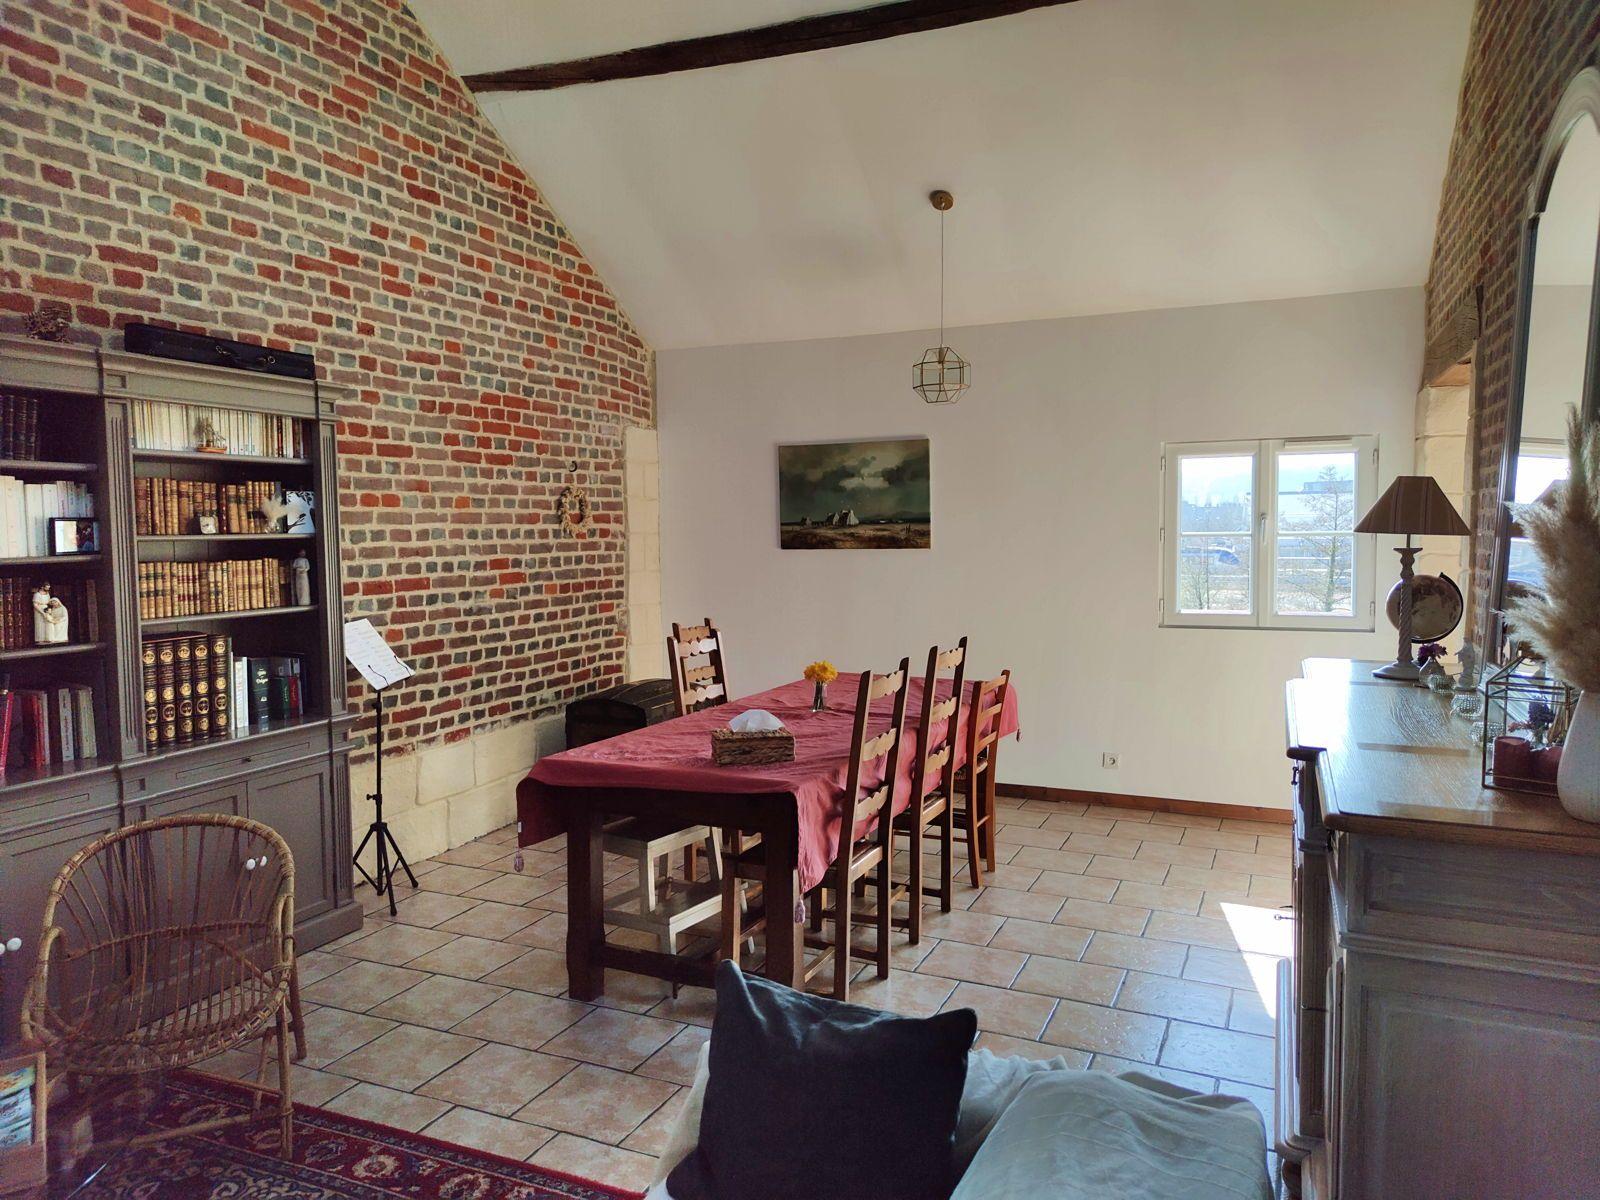 Vends maison de maître Lisieux (14) - 5chambres, 125m²